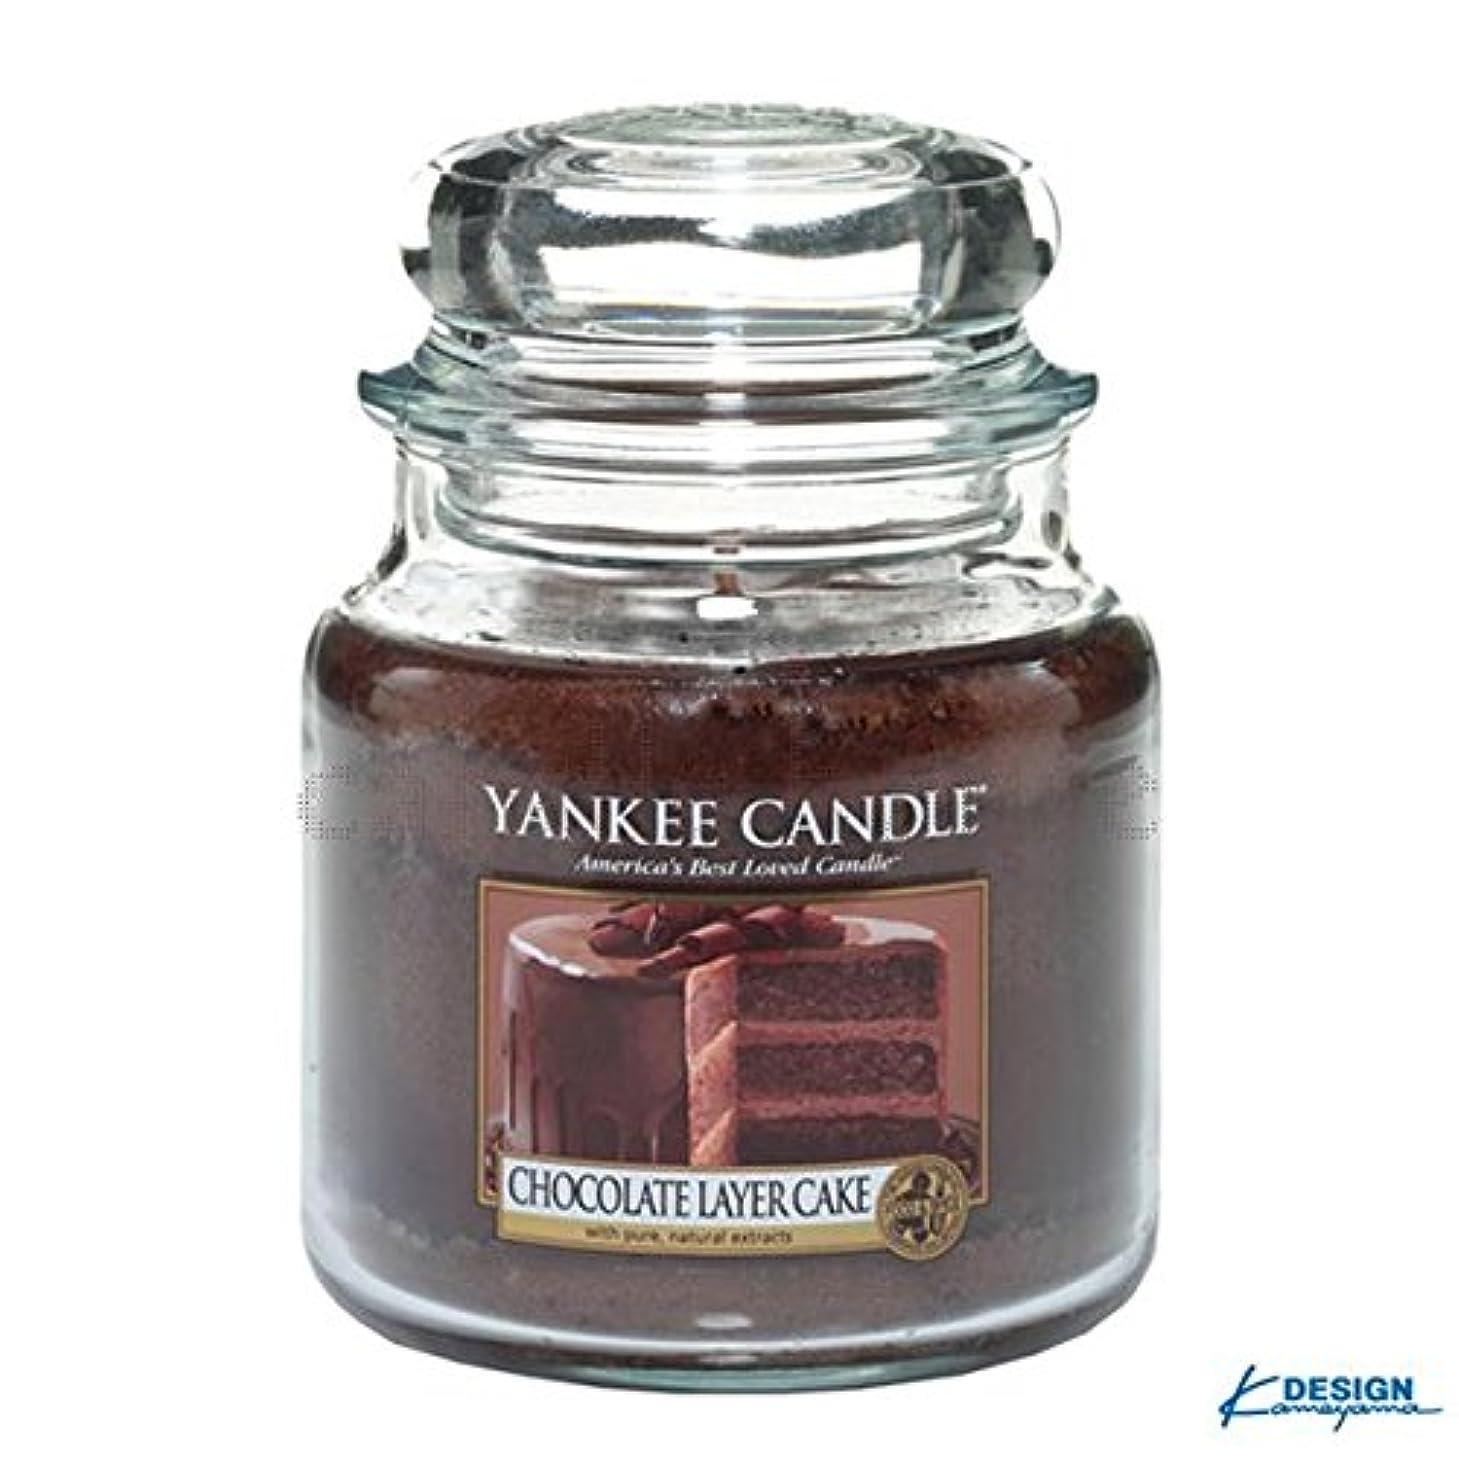 版かすれた嵐YANKEE CANDLEジャーM 「 チョコレートレイヤーケーキ 」